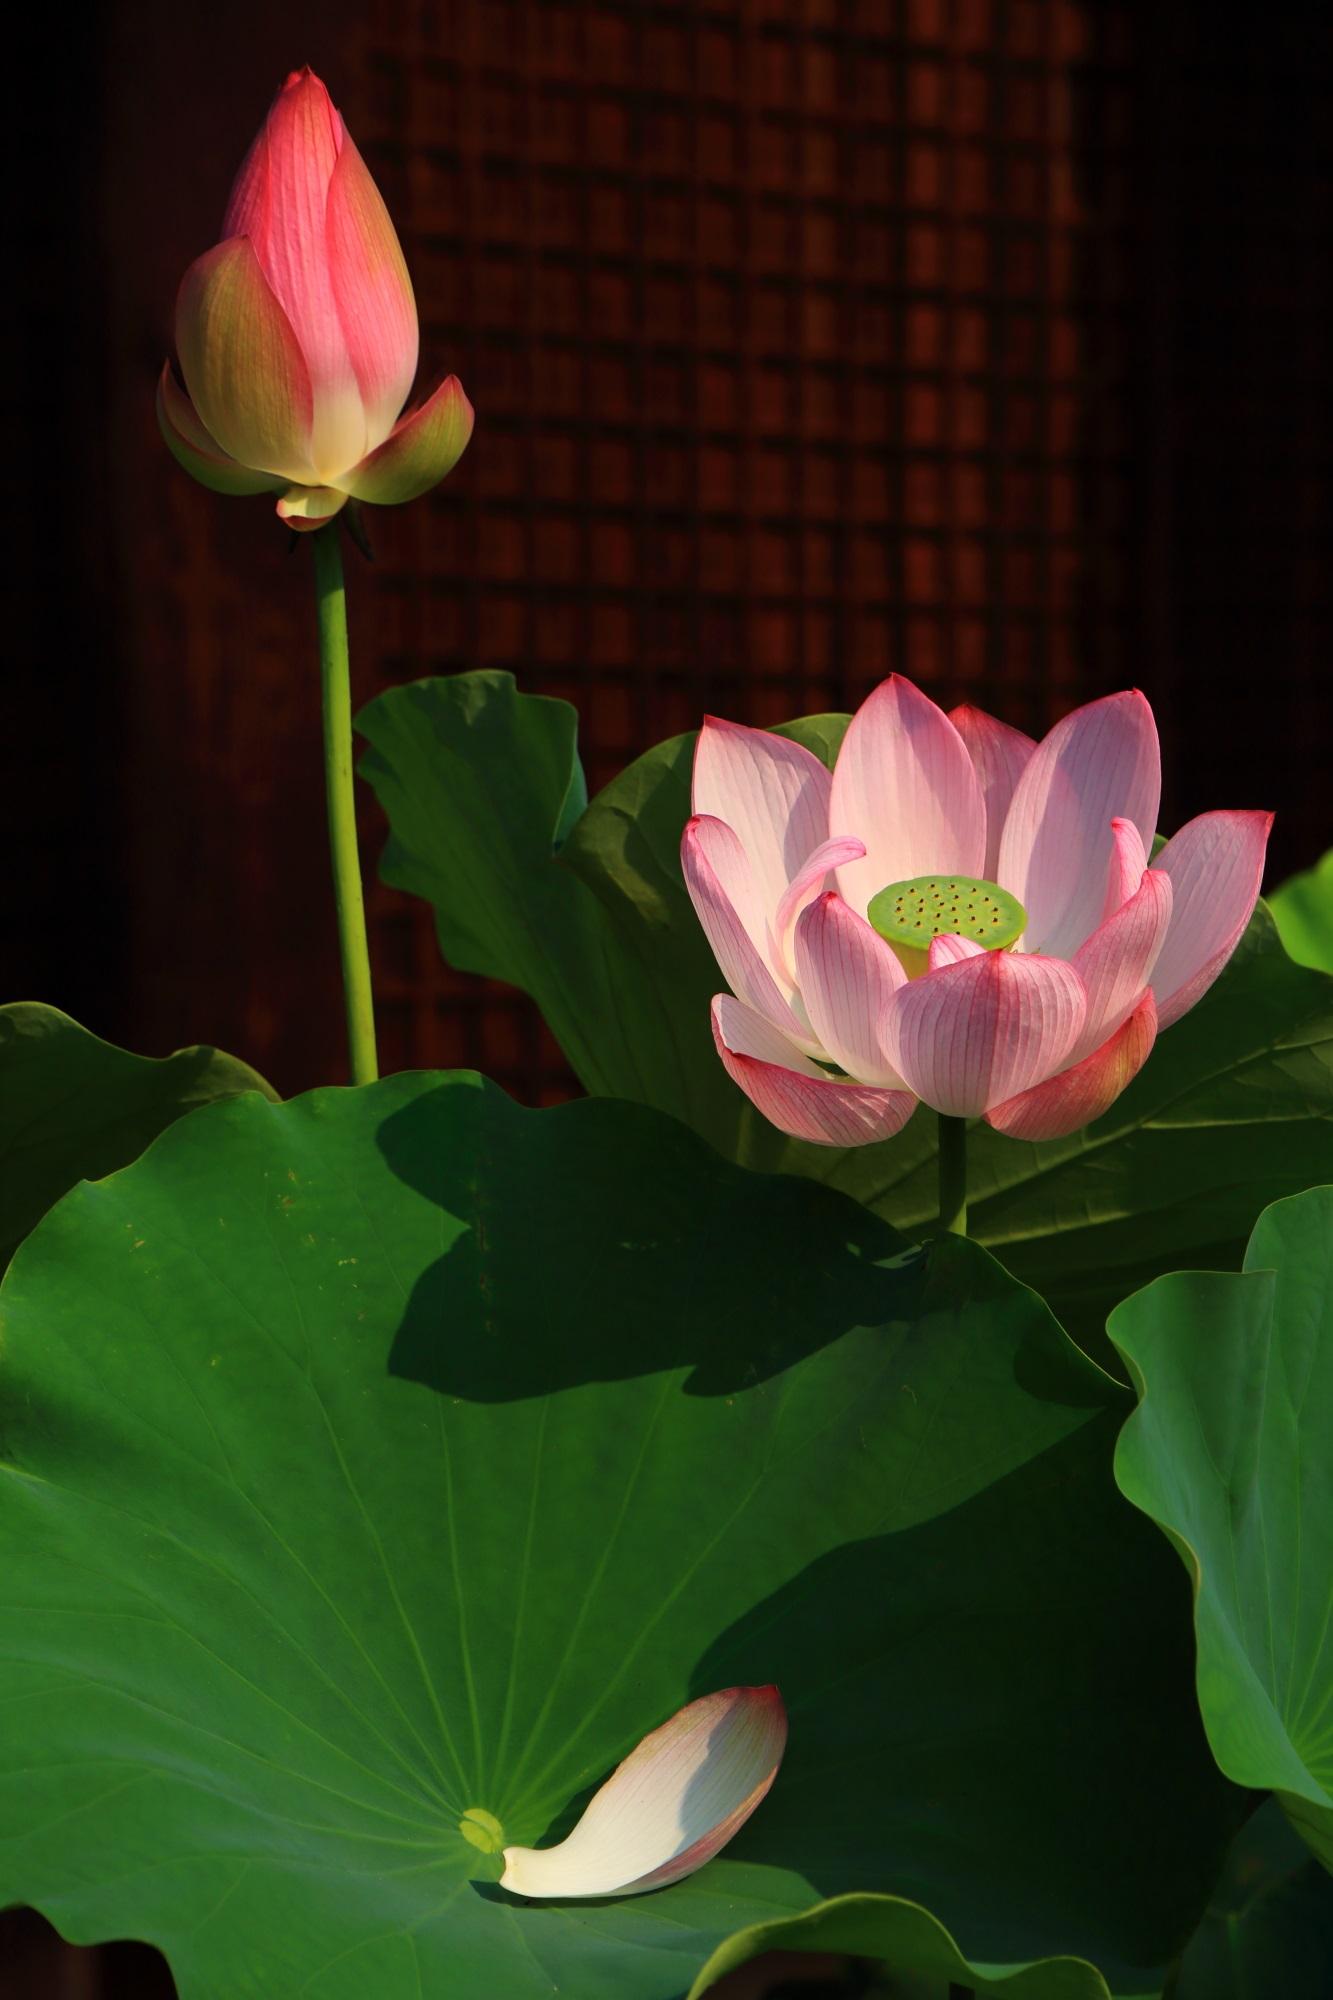 「蕾」「満開」「散り」と蓮の花の一生を表現しているような蓮